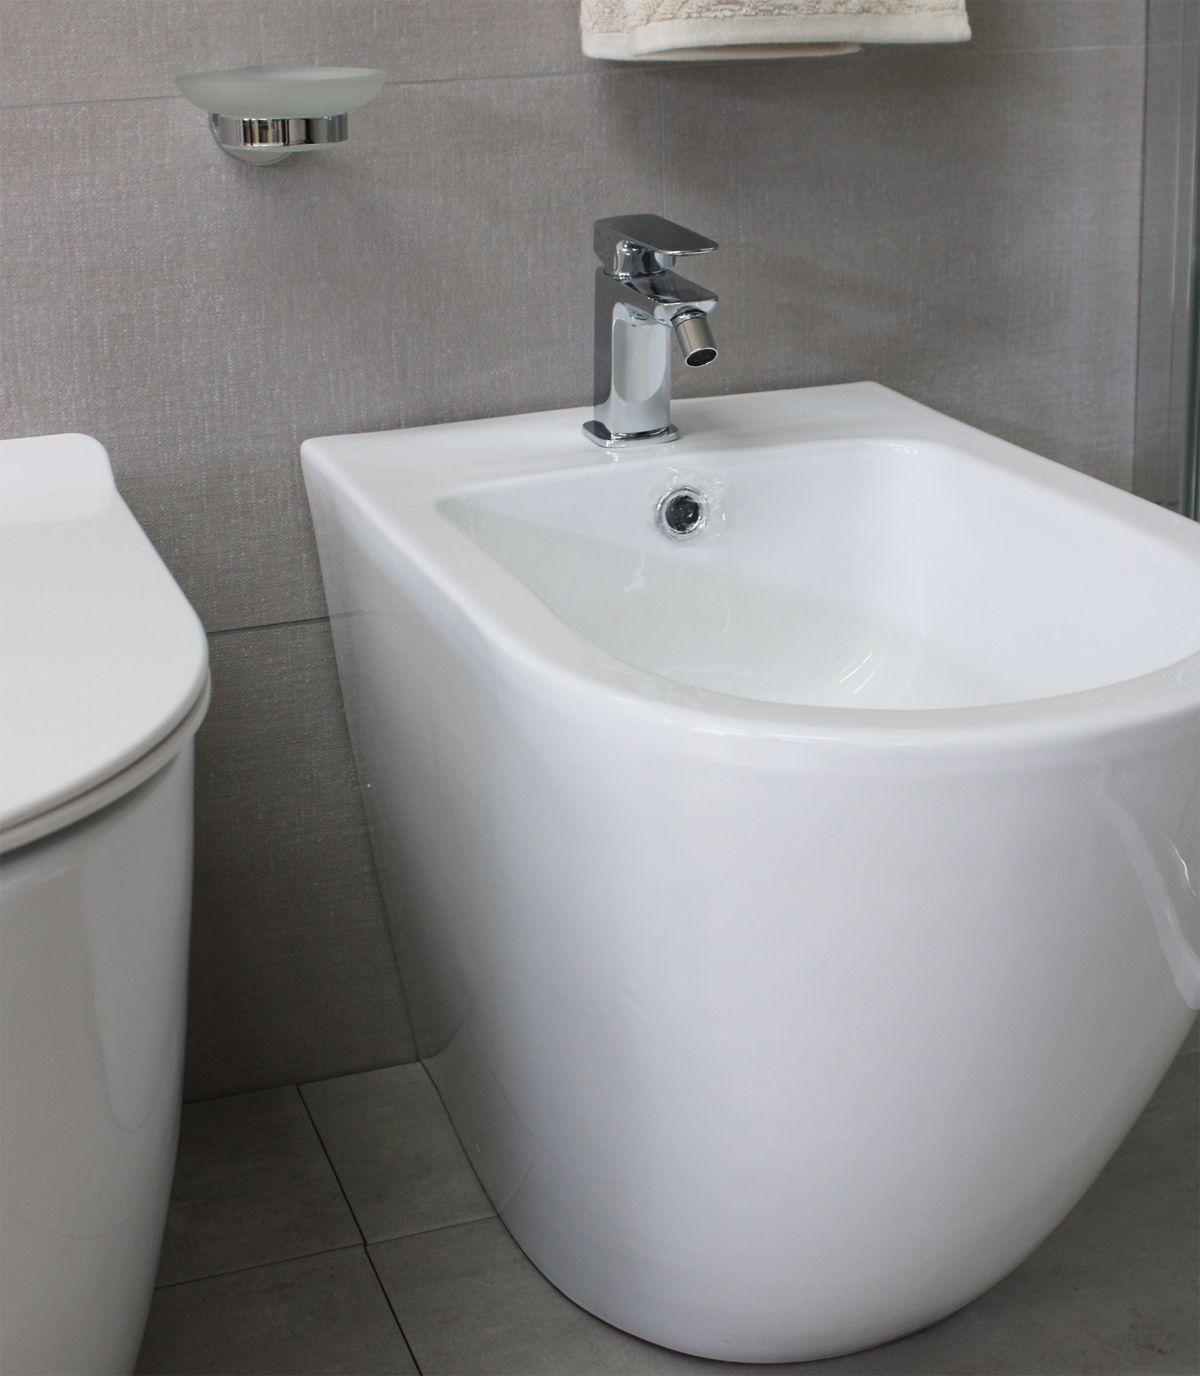 Sanitari Round particolare 5 Sanitari filo muro Round in ceramica Vaso+Bidet+Coprivaso Soft Close